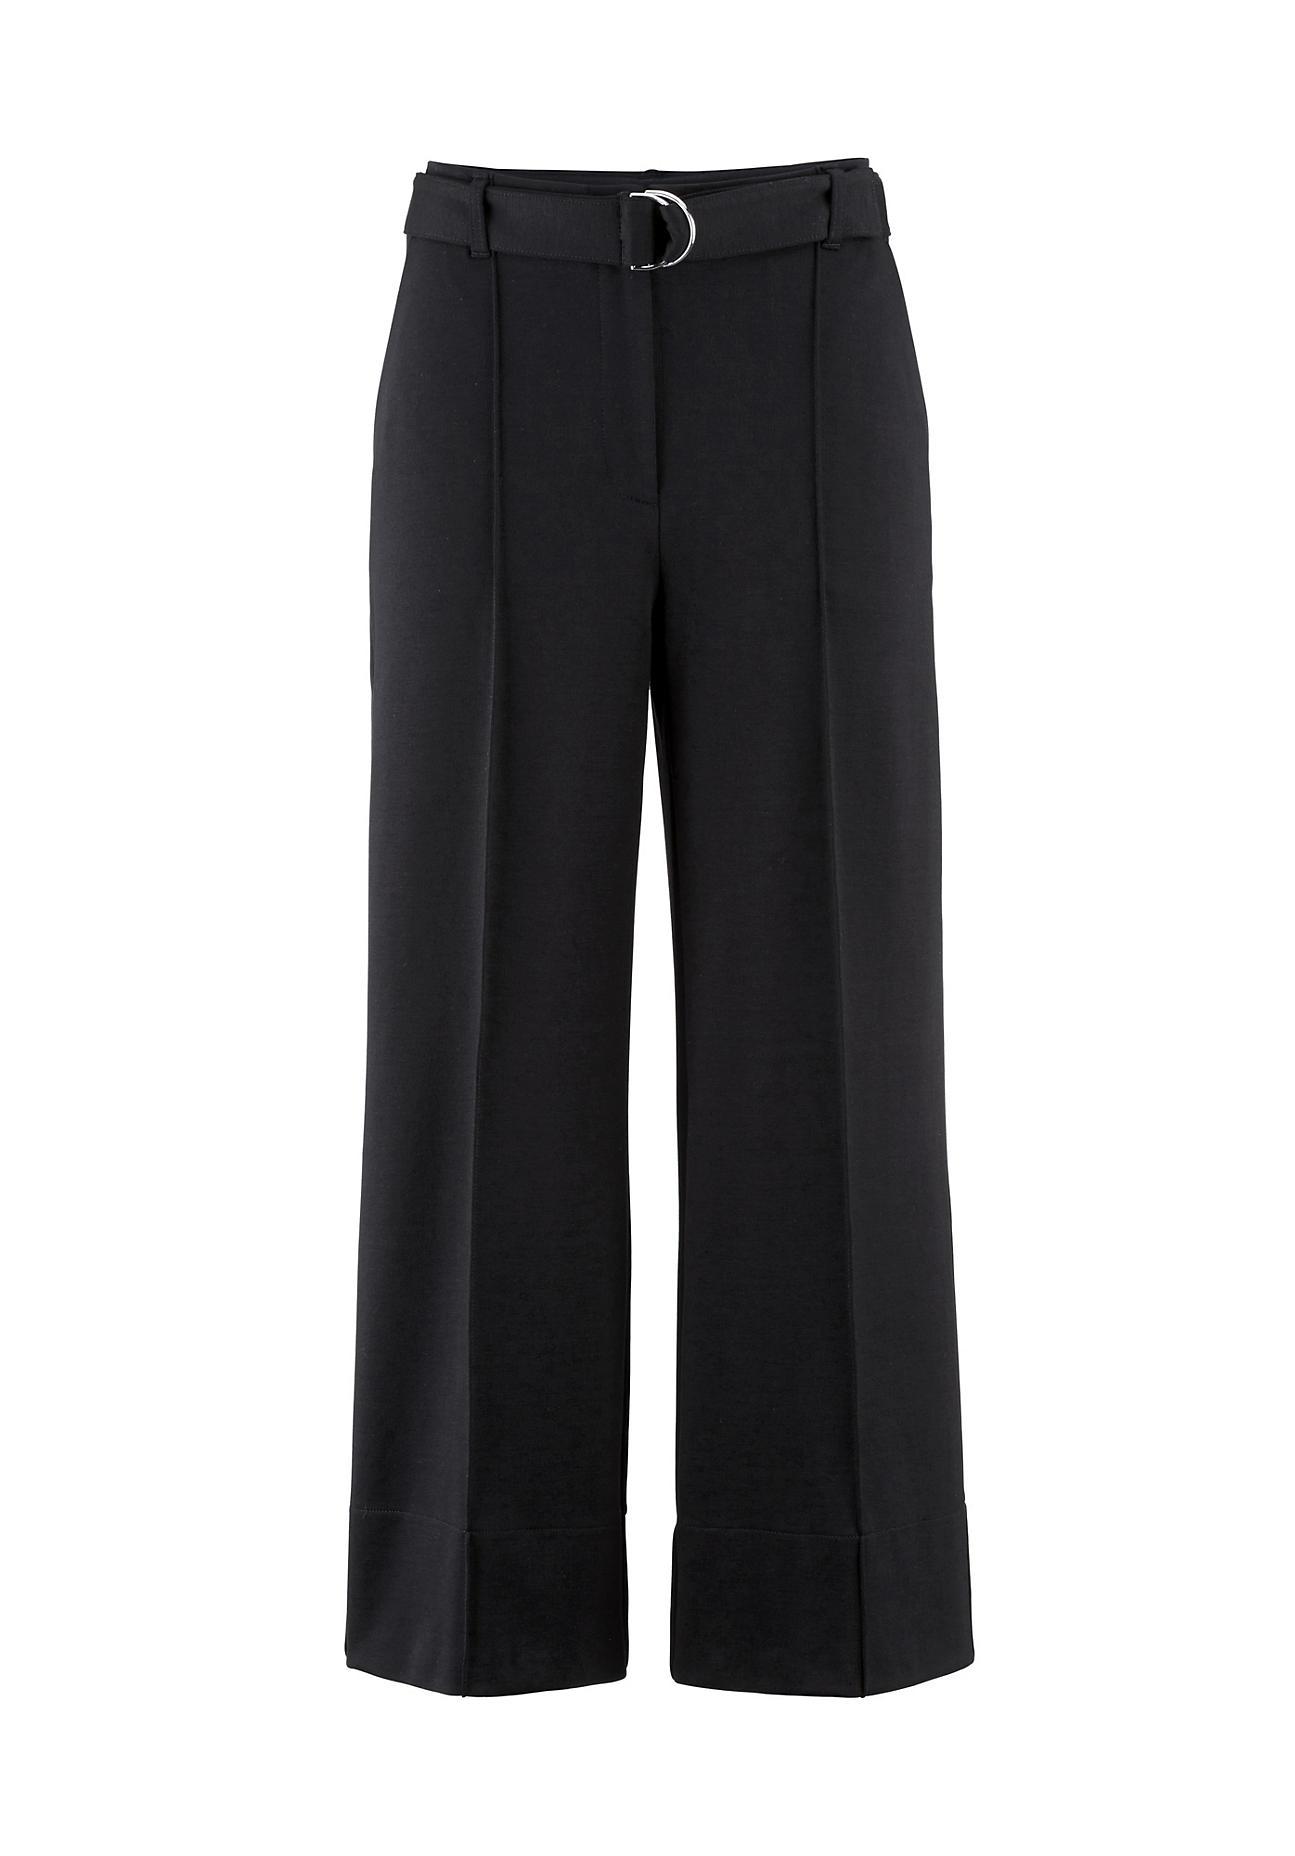 Hosen - hessnatur Damen Jersey Culotte aus Bio Baumwolle mit TENCEL™Modal – schwarz –  - Onlineshop Hessnatur